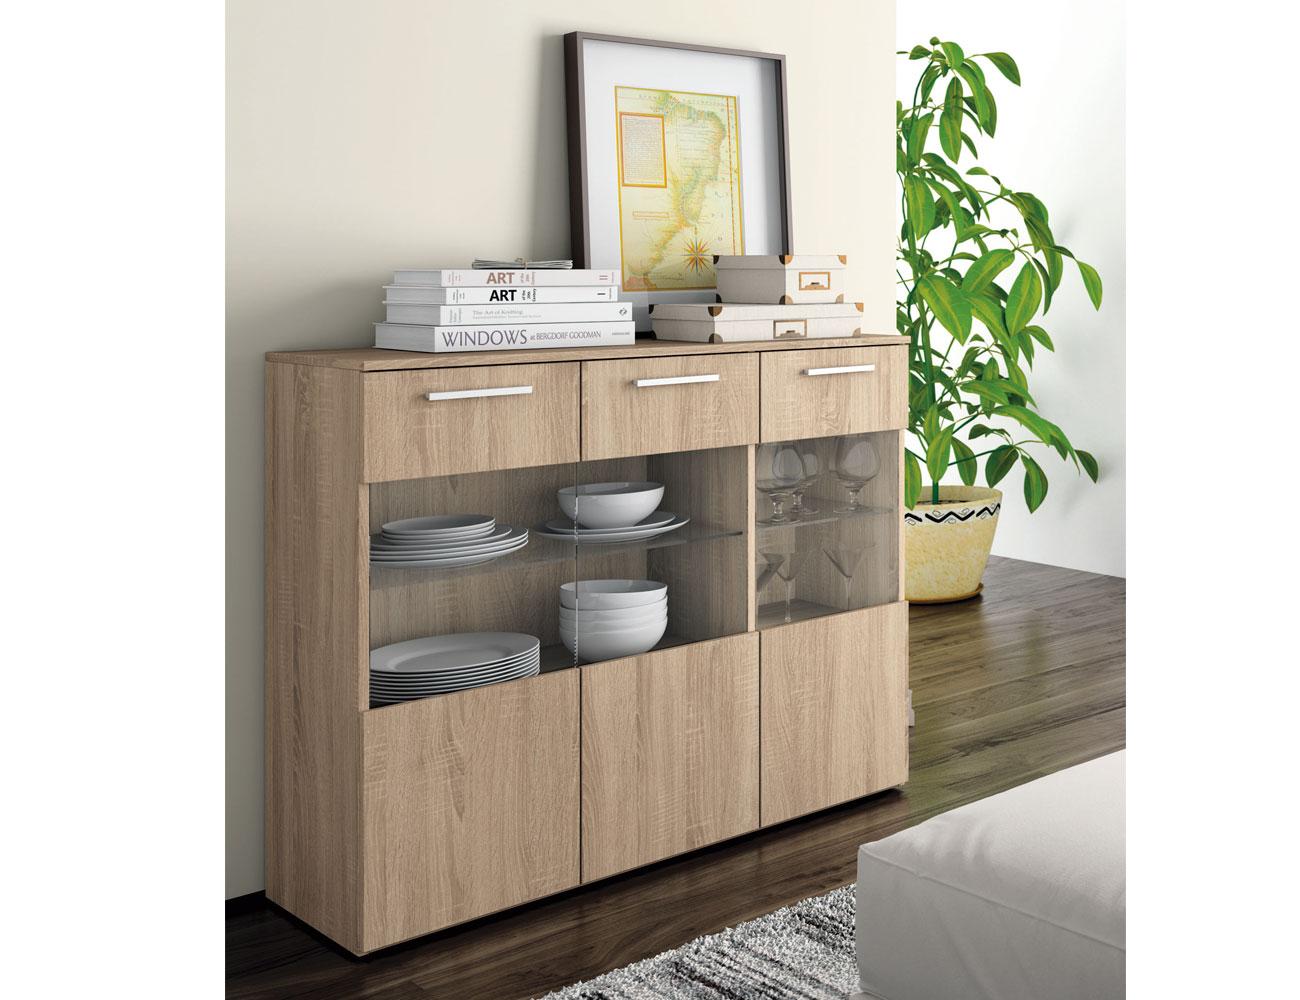 Mueble salon moderno aparador cambrian 418